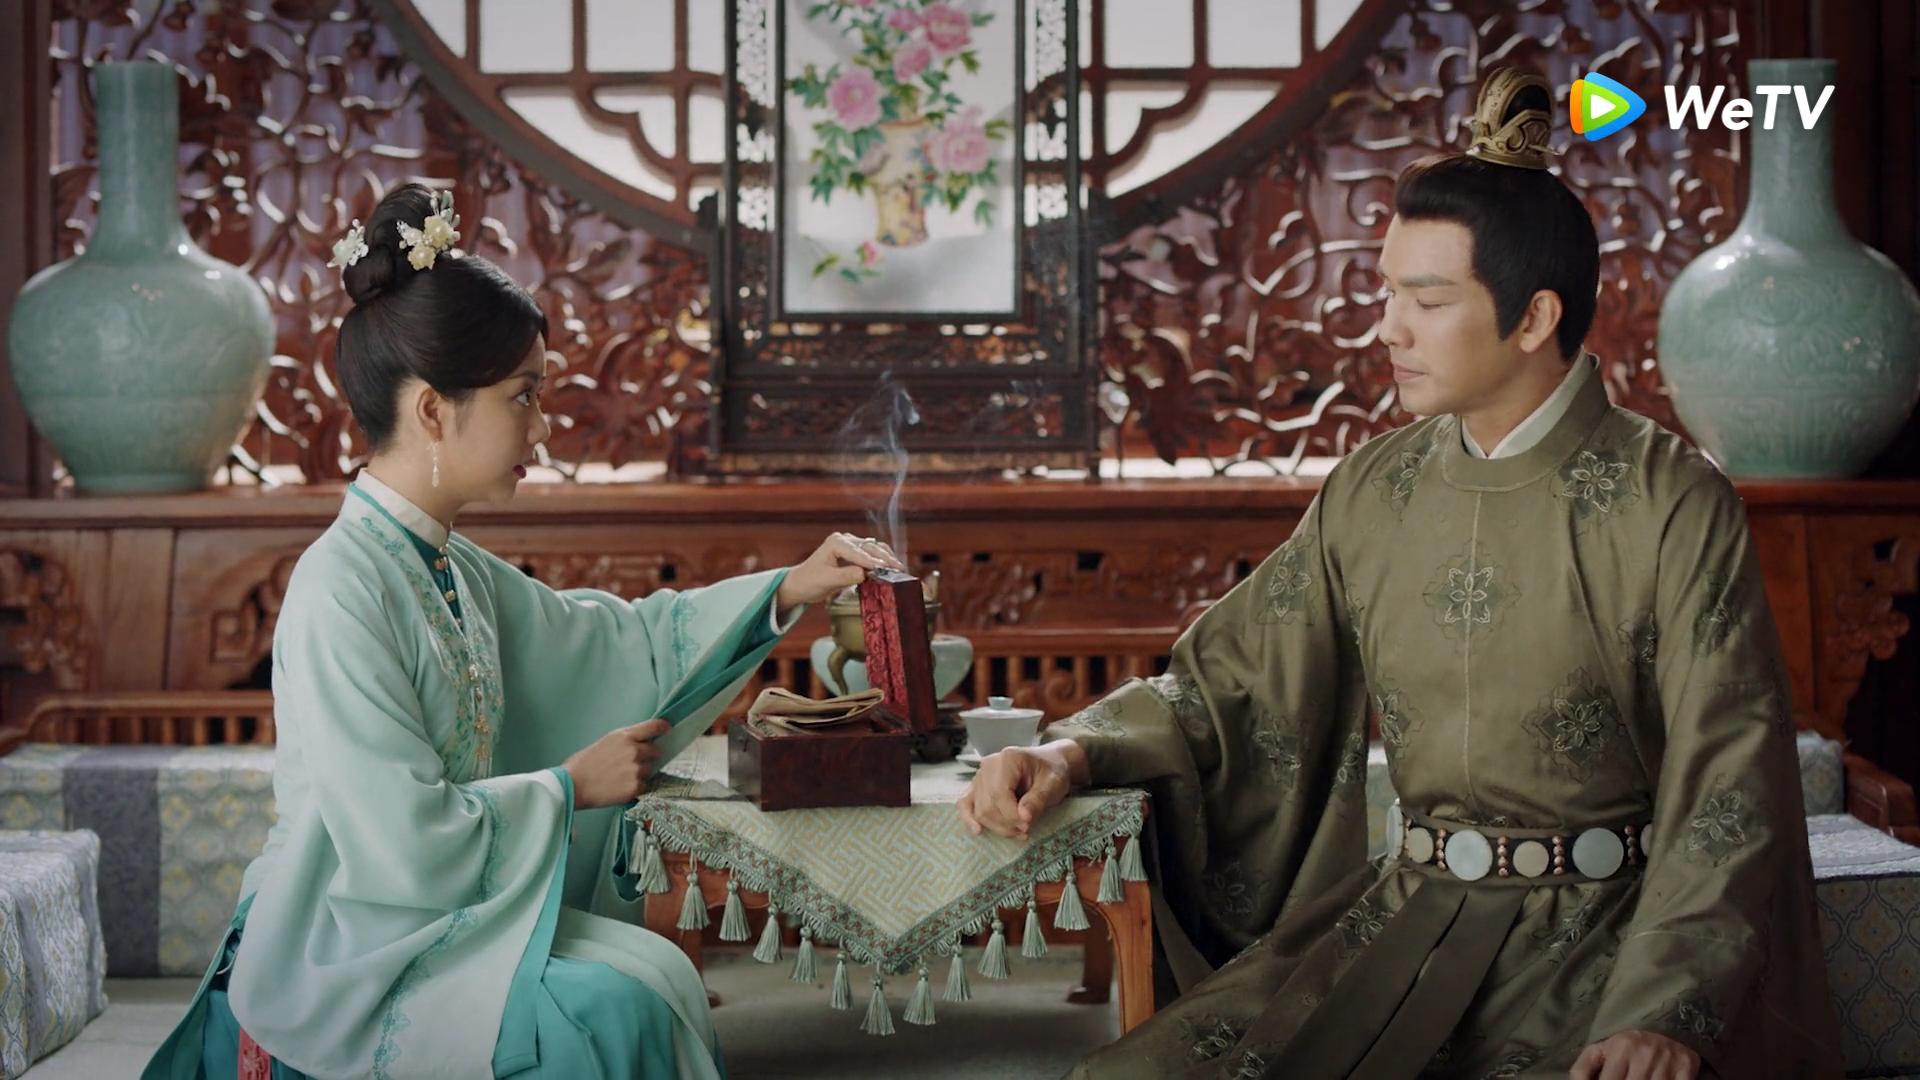 Chung Hán Lương công khai dẫn con riêng tin đồn về nhà, bị trà xanh hại suýt thiệt mạng ở Cẩm Tâm Tựa Ngọc - Ảnh 10.